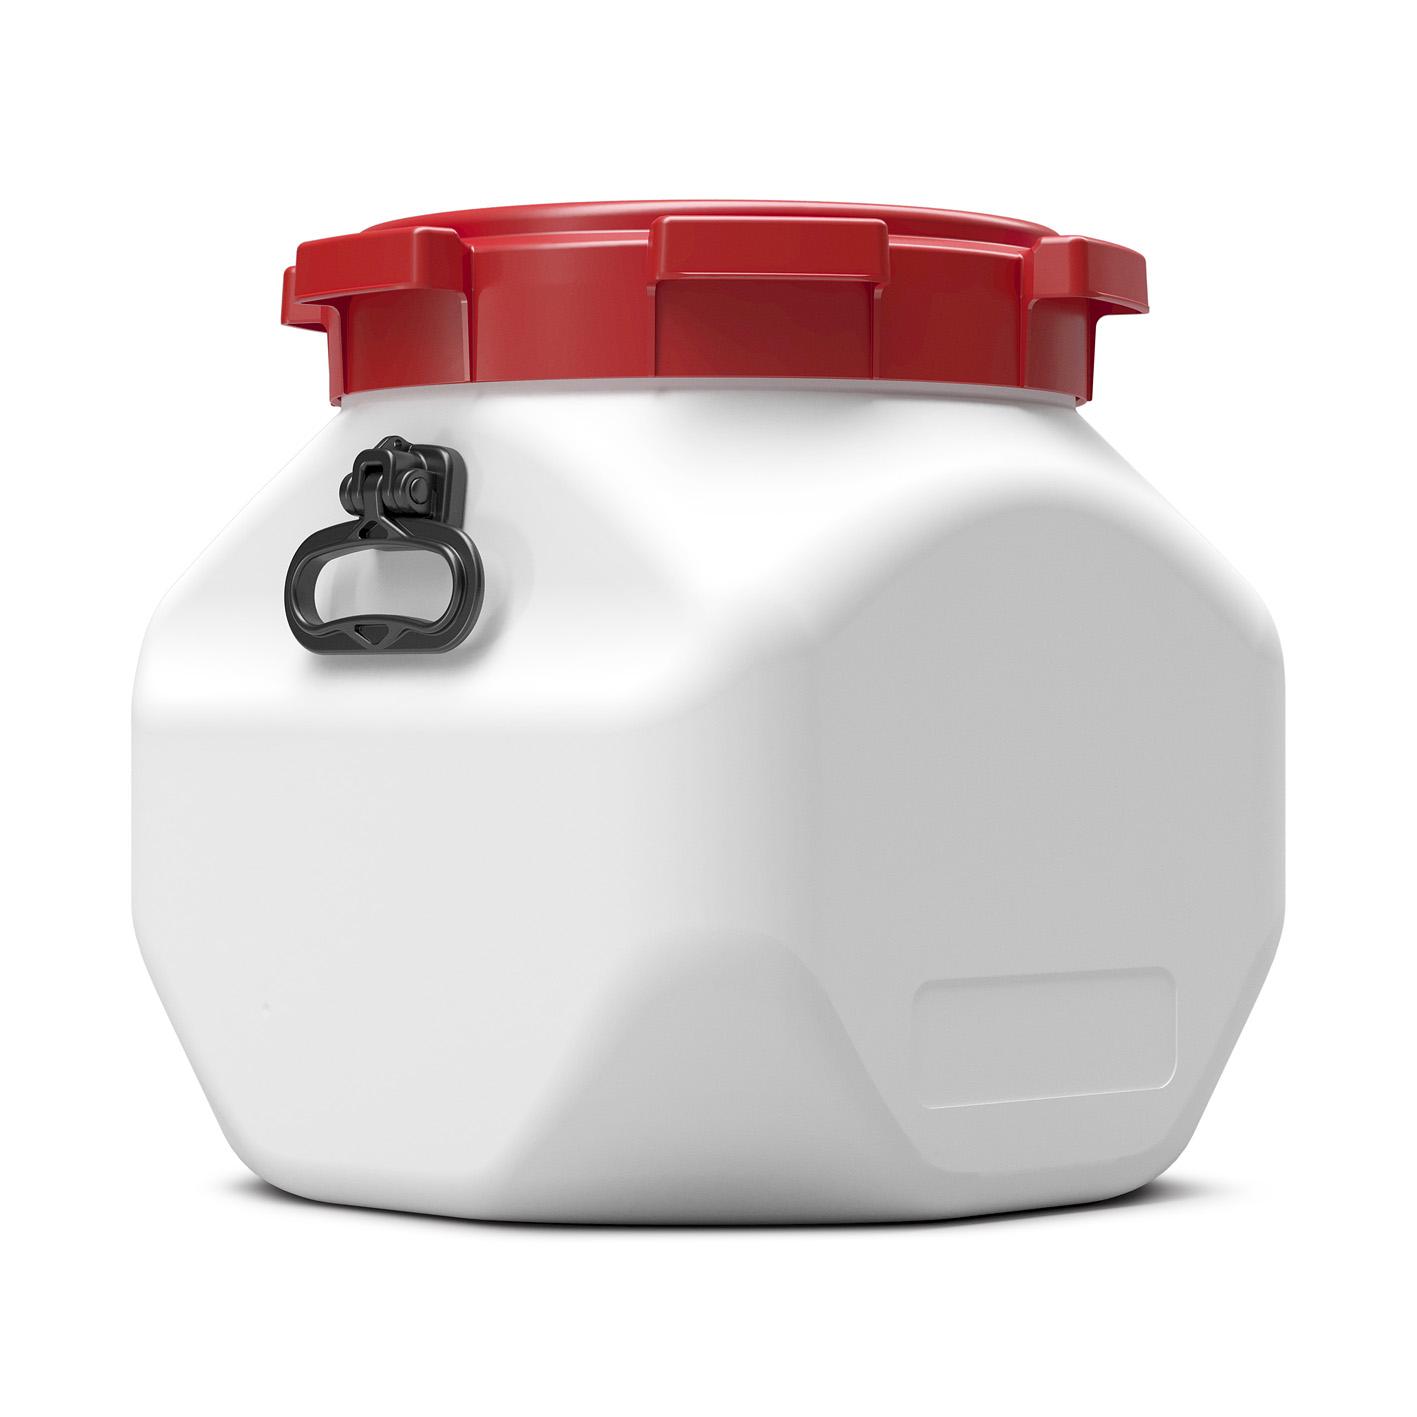 40 liter Square drum